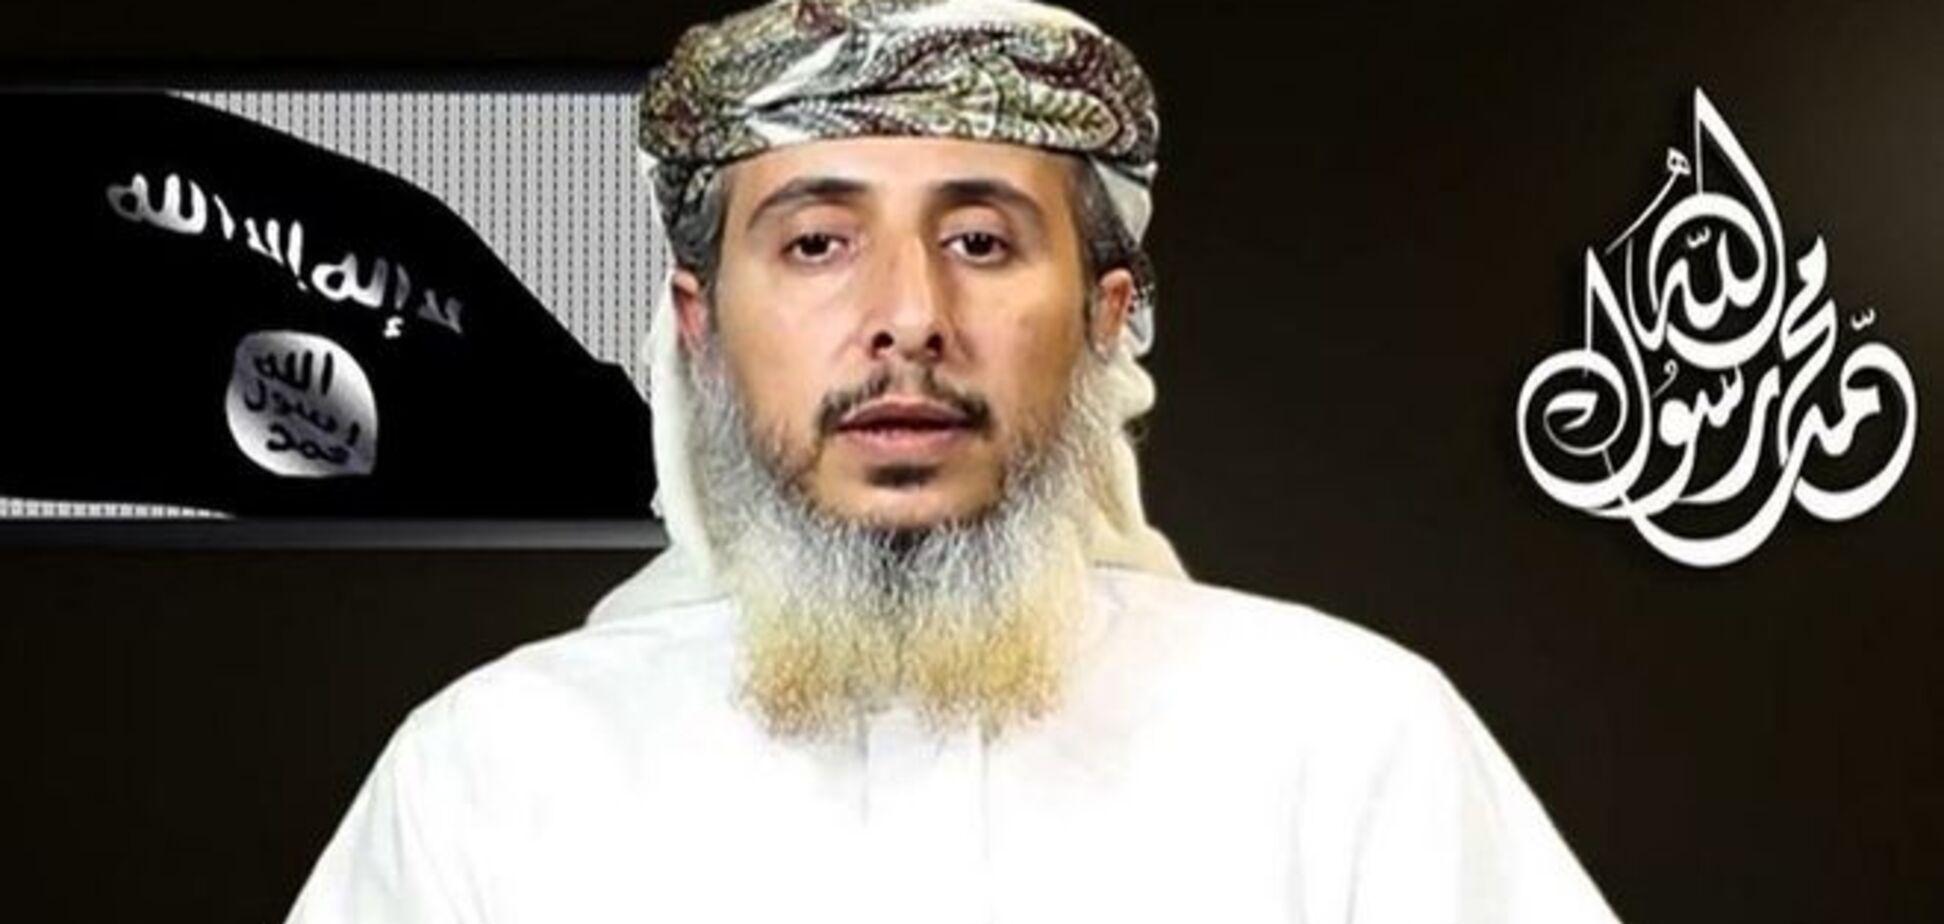 Під час авіаударів США загинув лідер і військовий стратег 'Аль-Каїди'